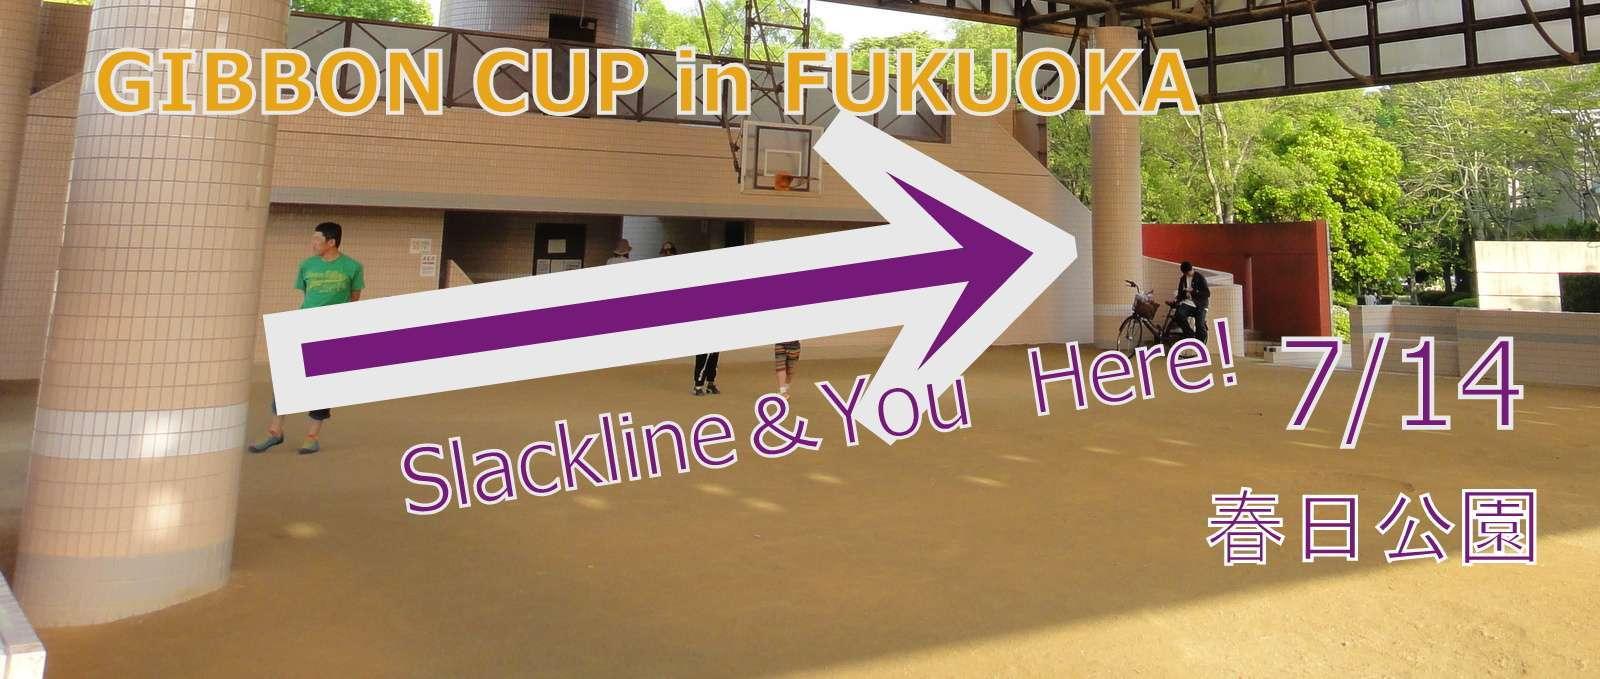 スラックラインの大会ギボンカップ福岡